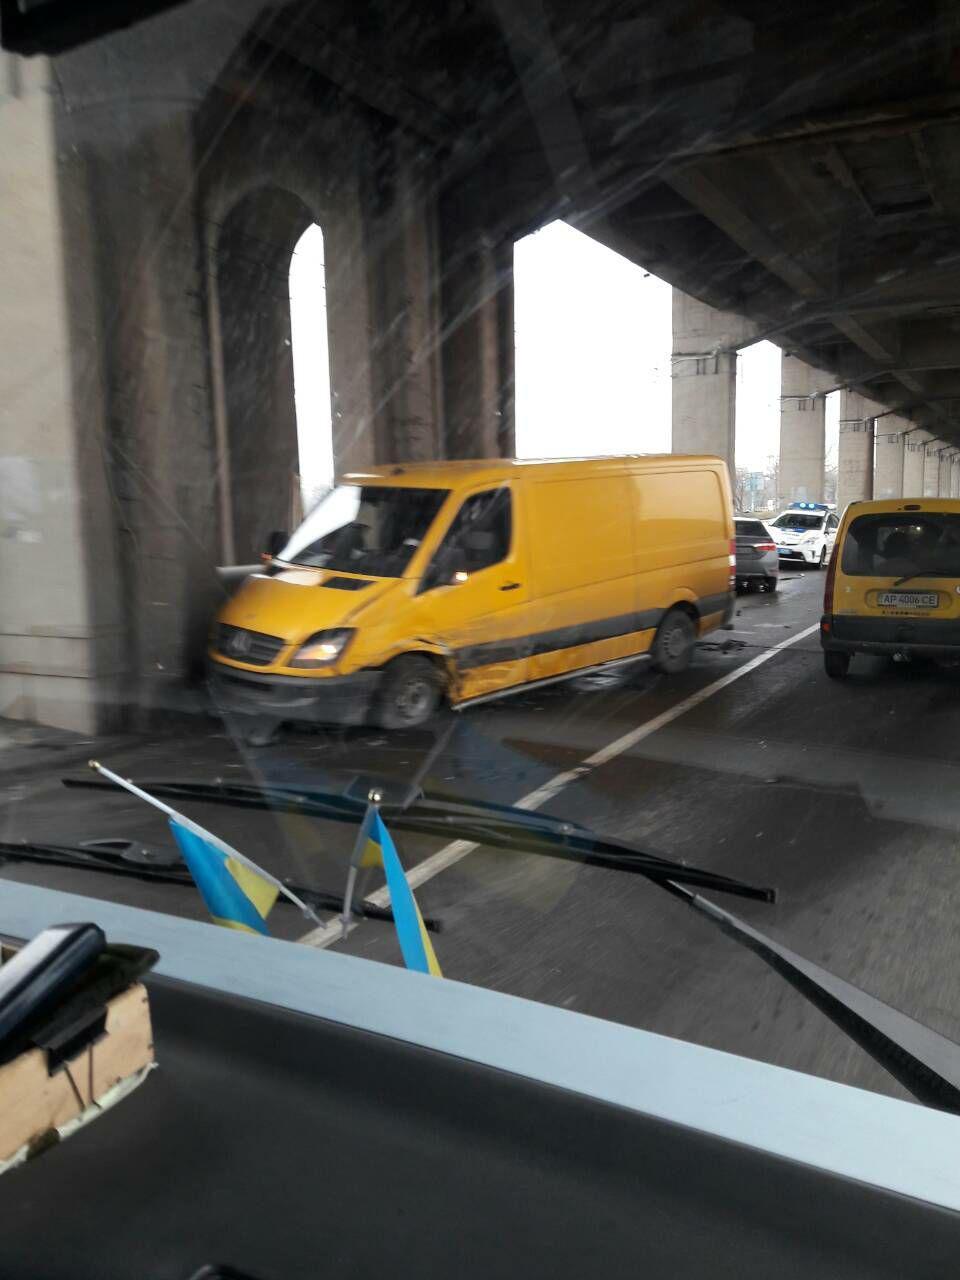 В Запорожье на мосту Преображенского иномарка и микроавтобус врезались в опору моста: есть пострадавшие - ФОТО